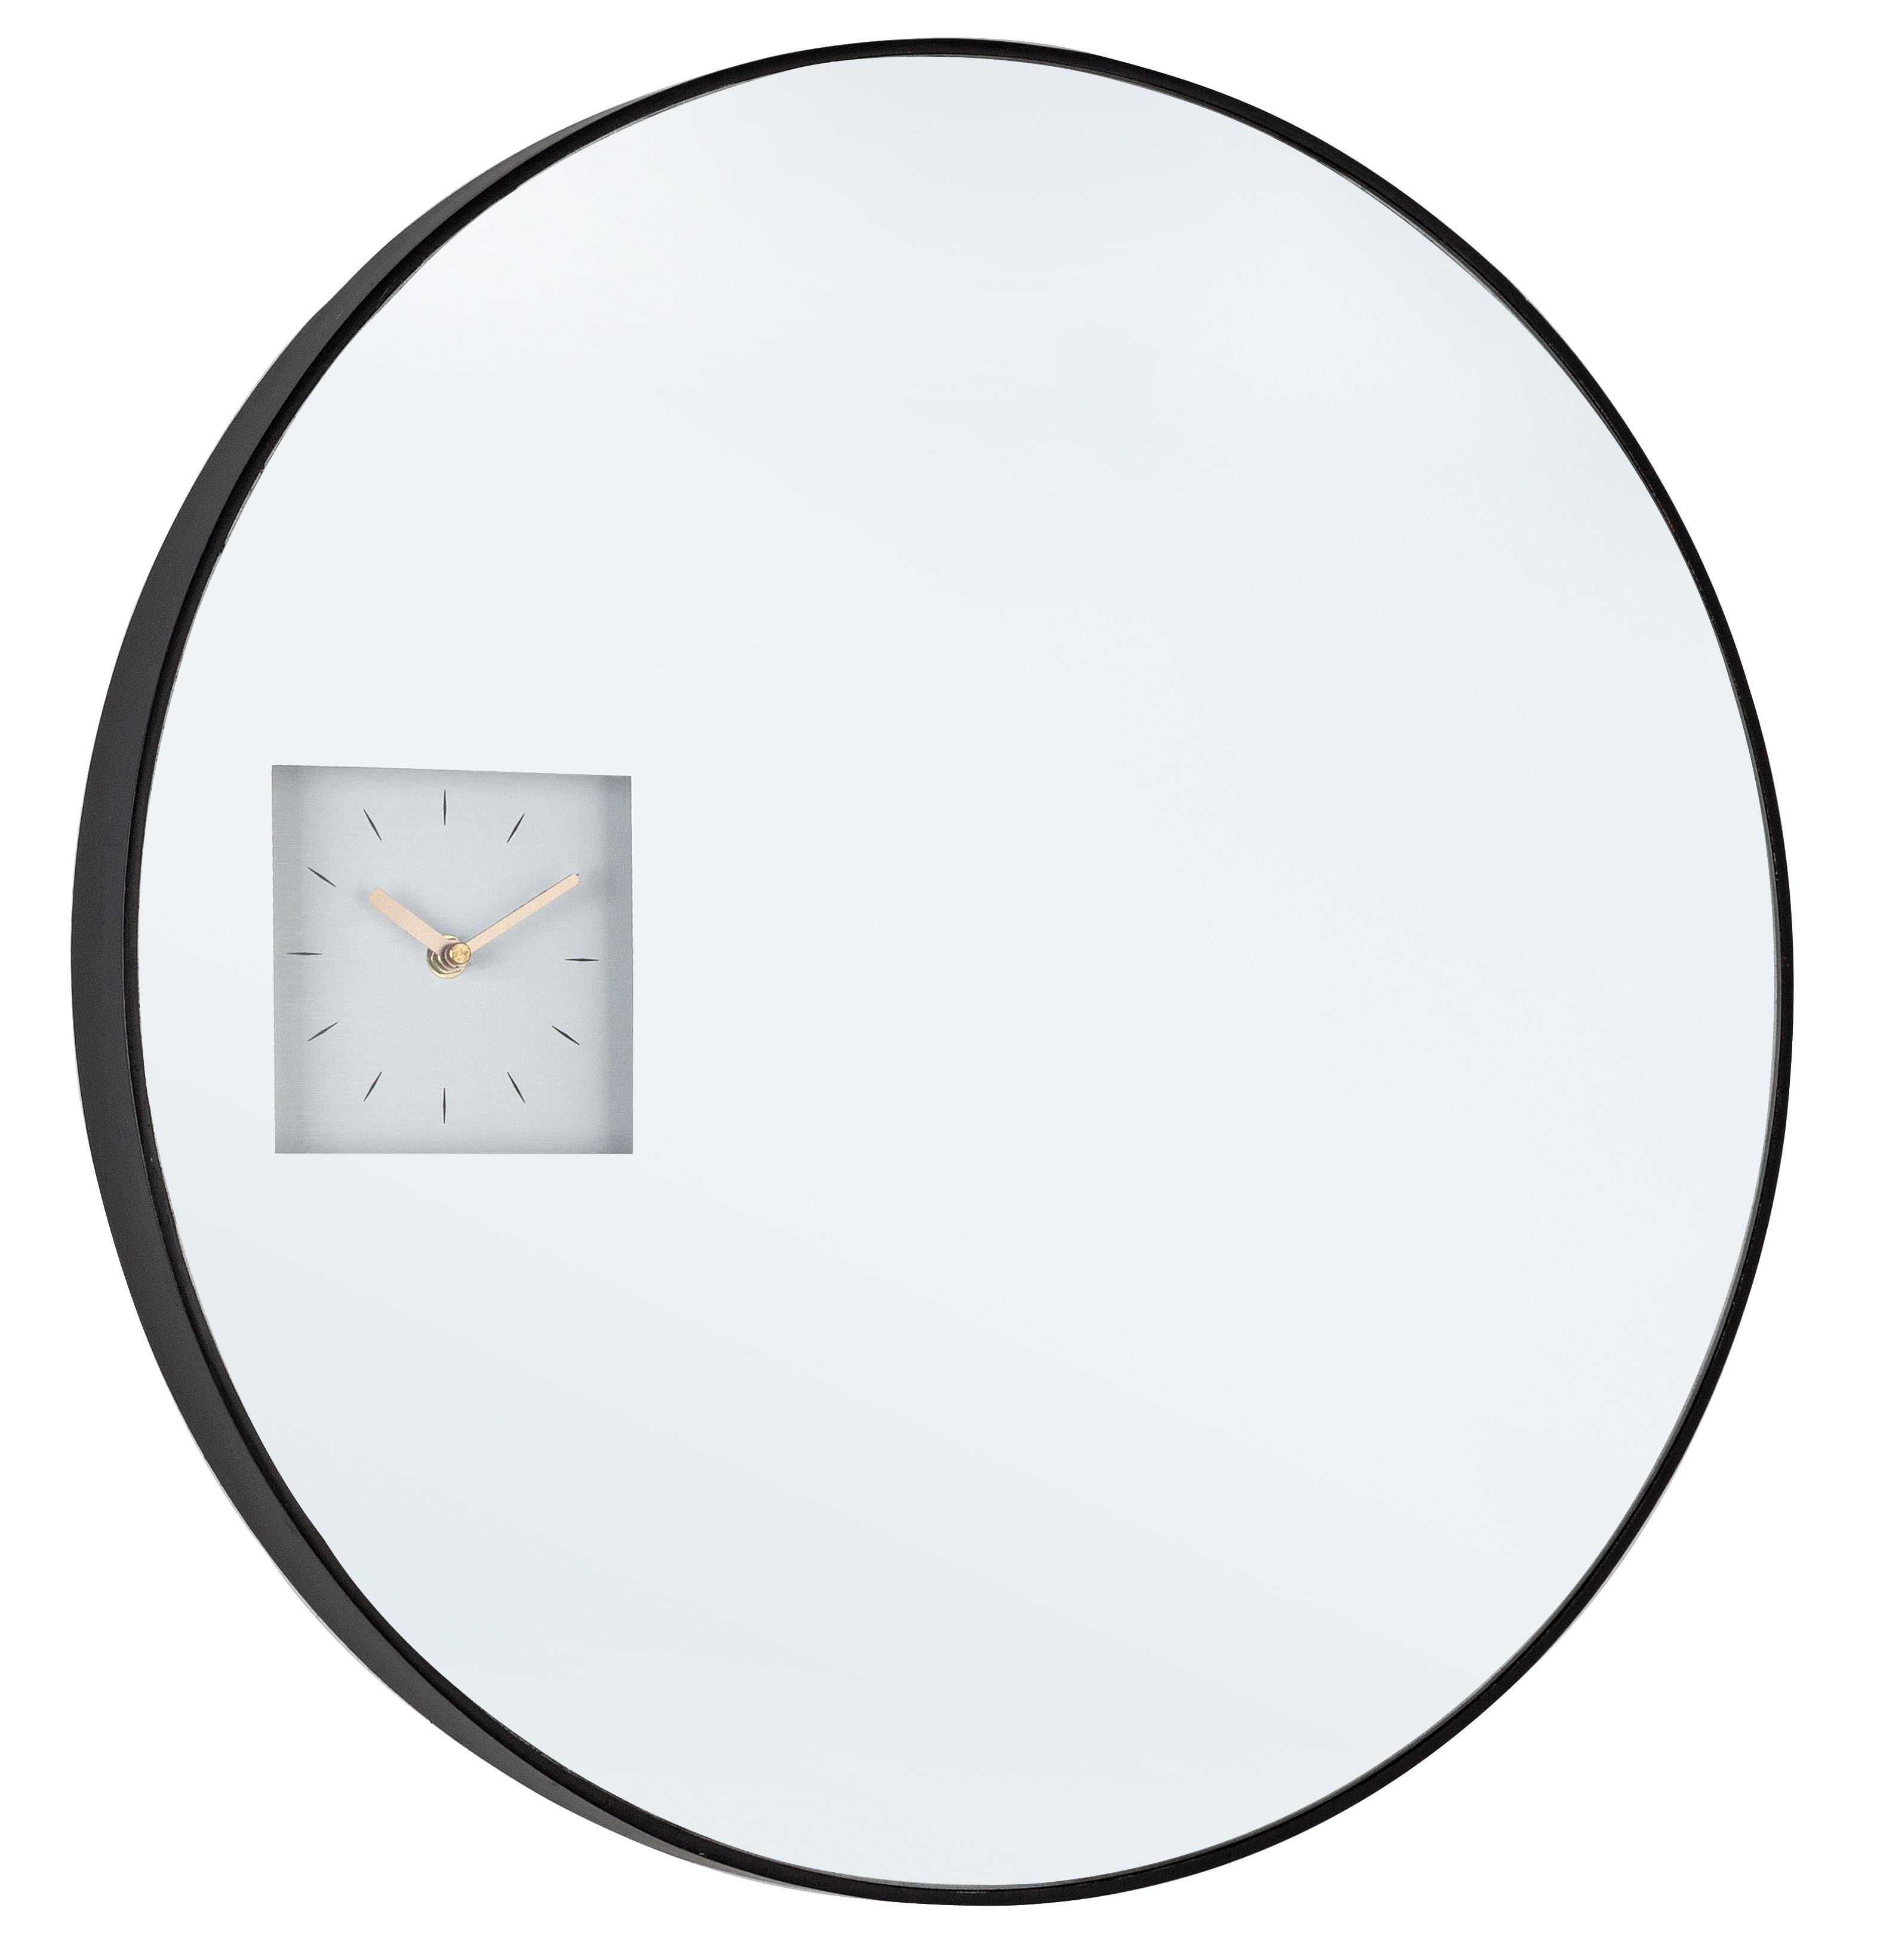 Oglinda decorativa cu ceas si rama din MDF Glace Negru, Ø60 cm